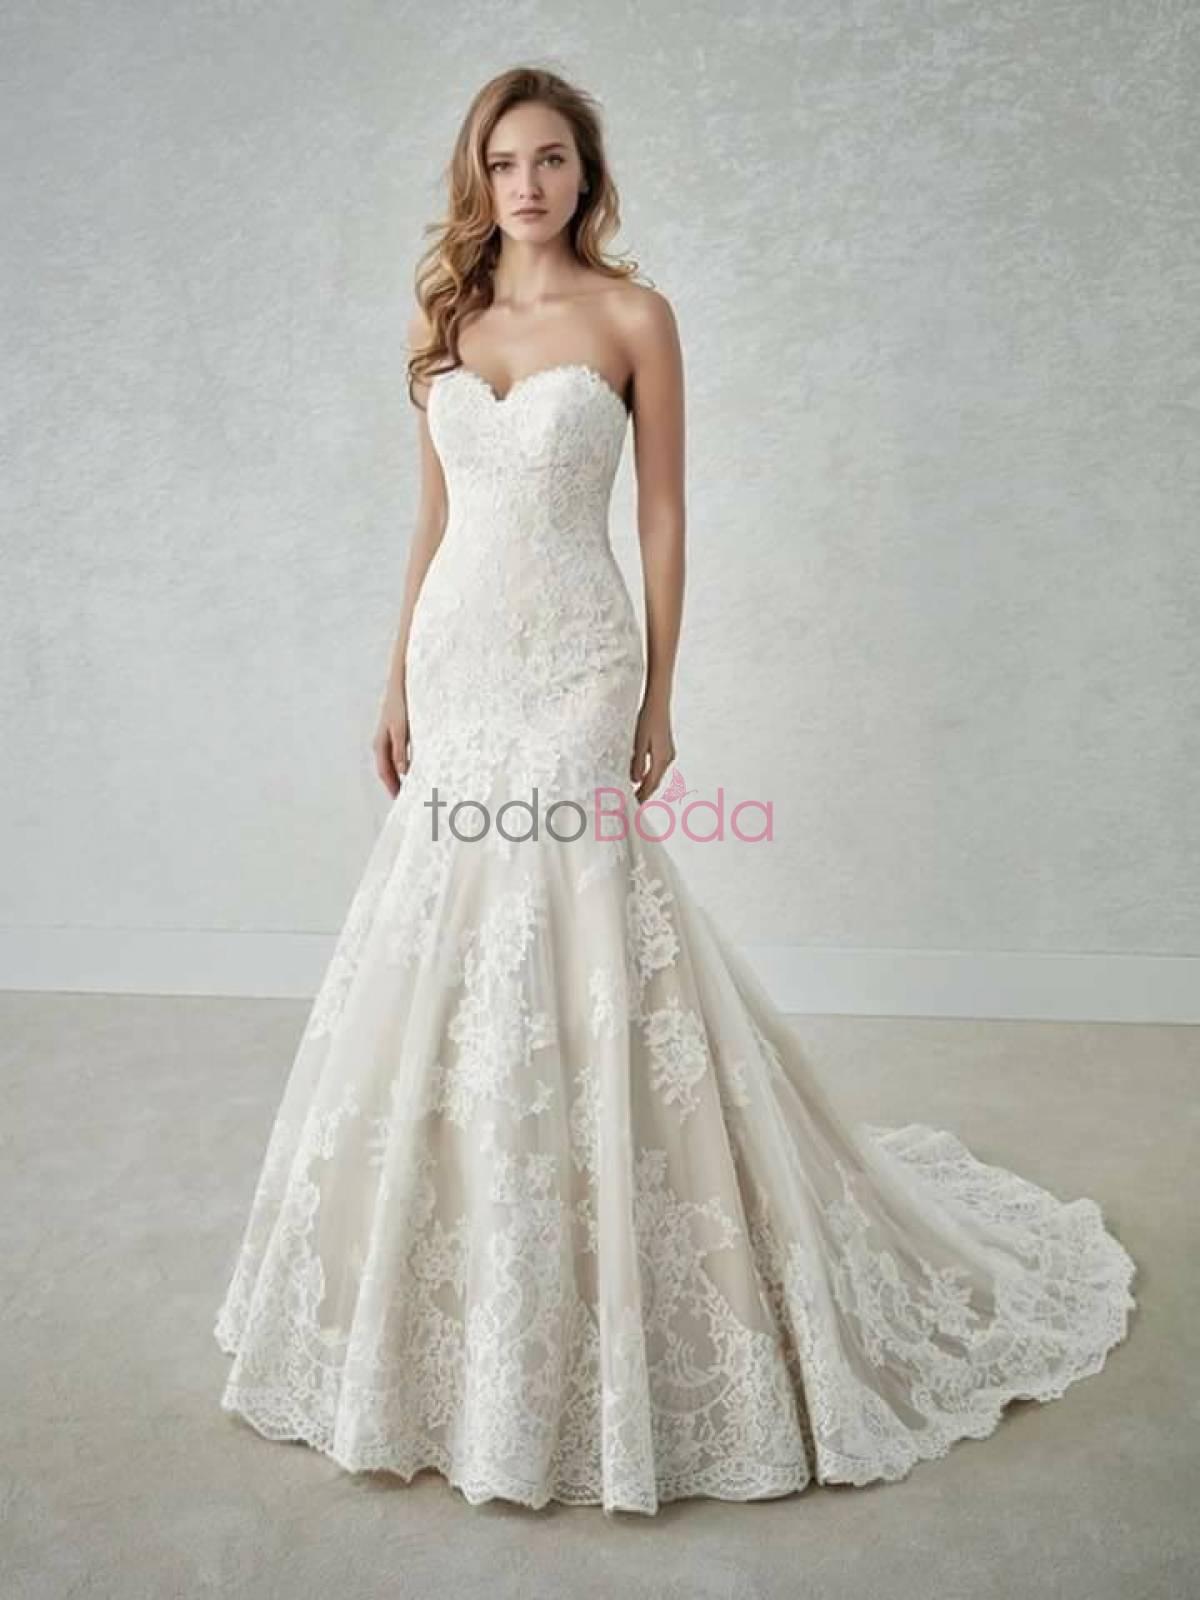 Vestidos de novia san jose dela rinconada